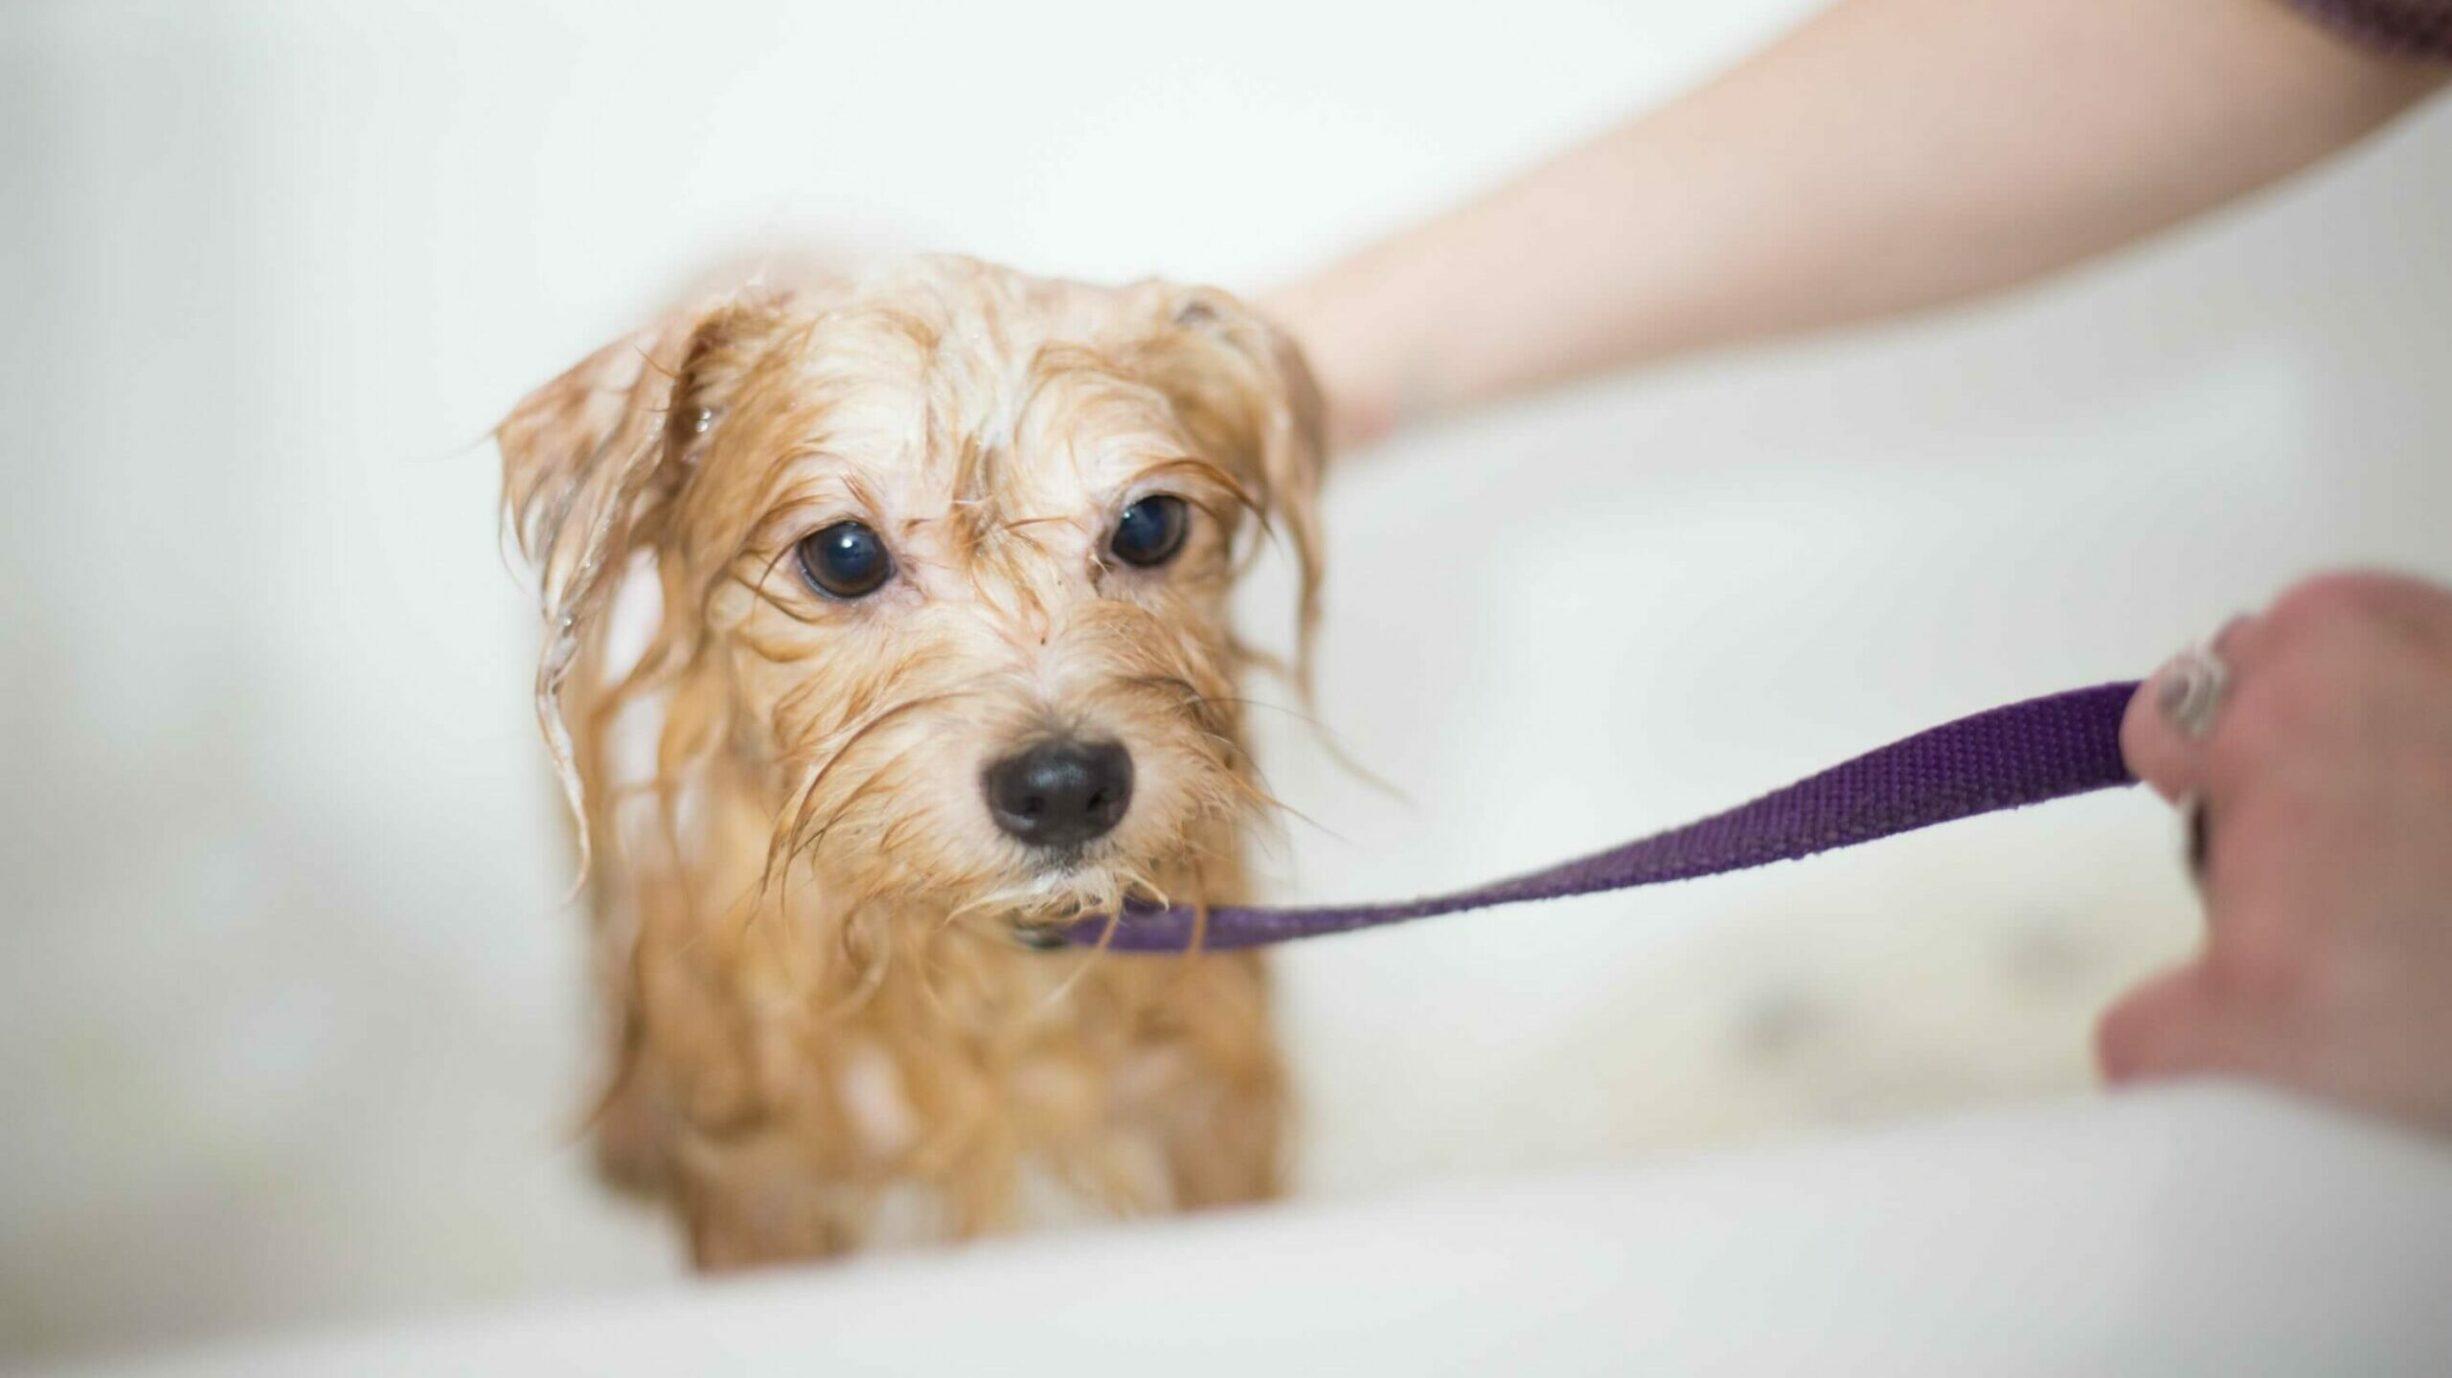 dog getting bathed in a tub